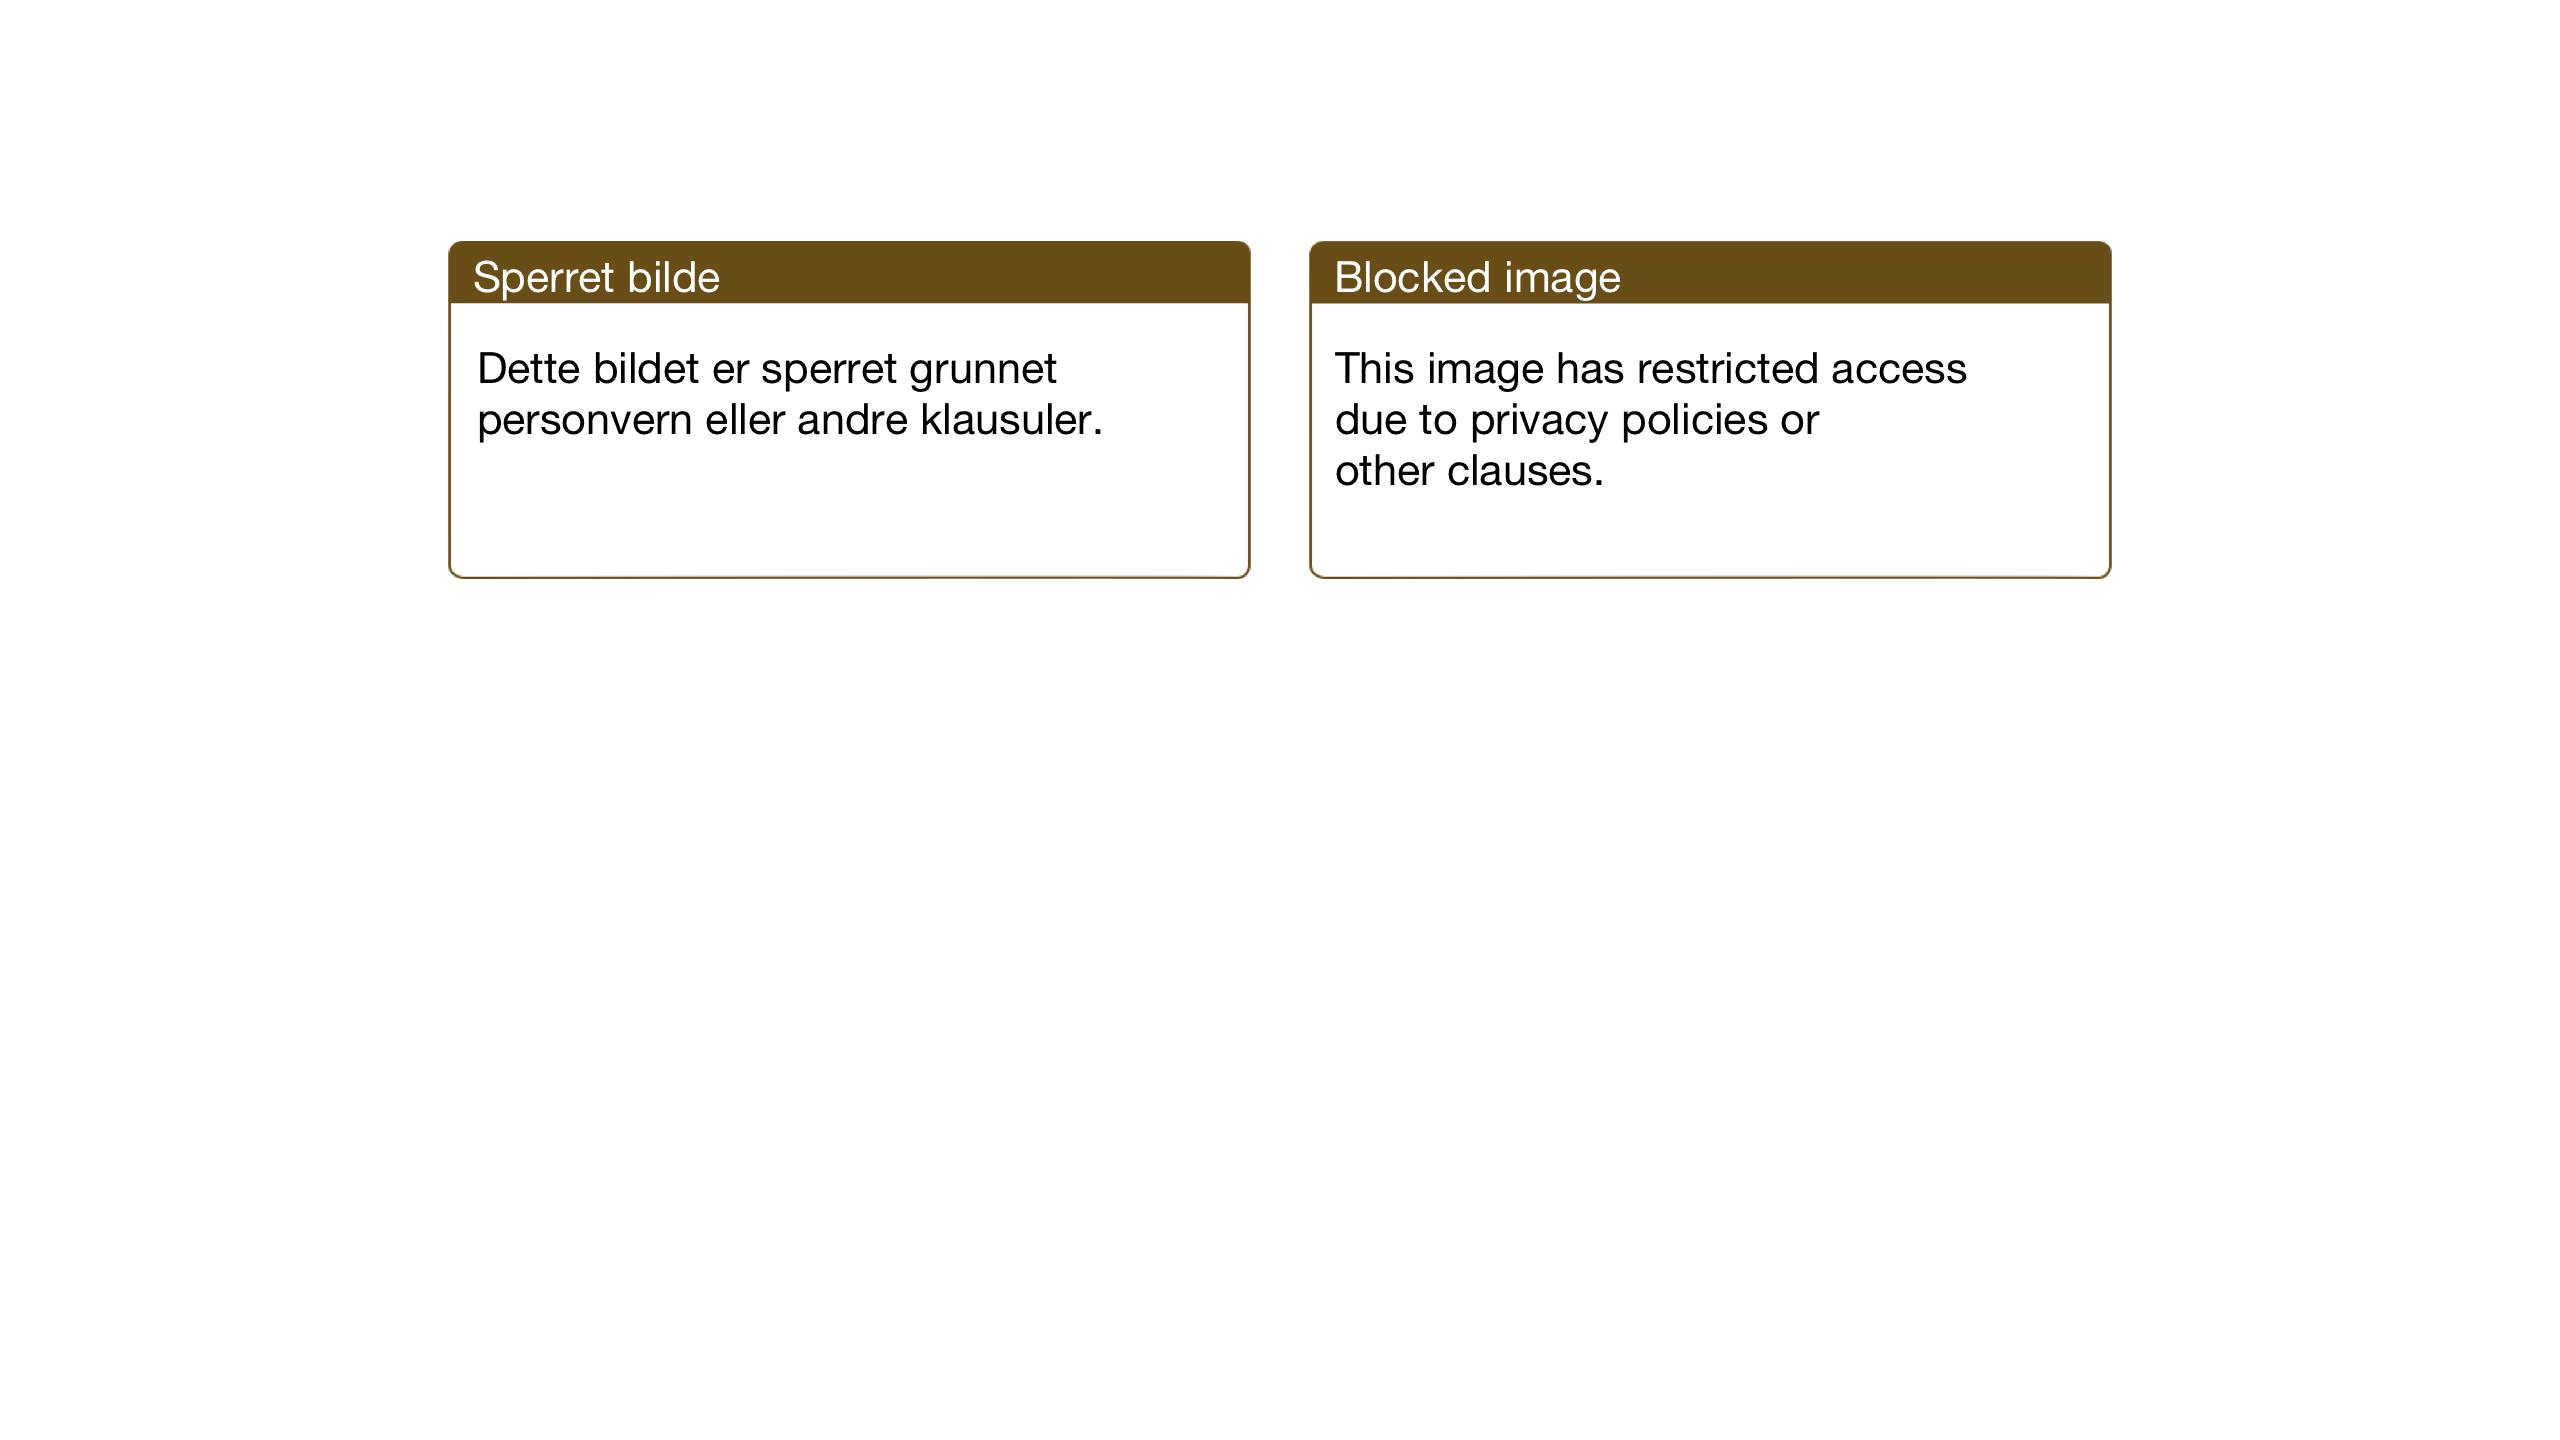 SAT, Ministerialprotokoller, klokkerbøker og fødselsregistre - Nord-Trøndelag, 749/L0481: Klokkerbok nr. 749C03, 1933-1945, s. 48